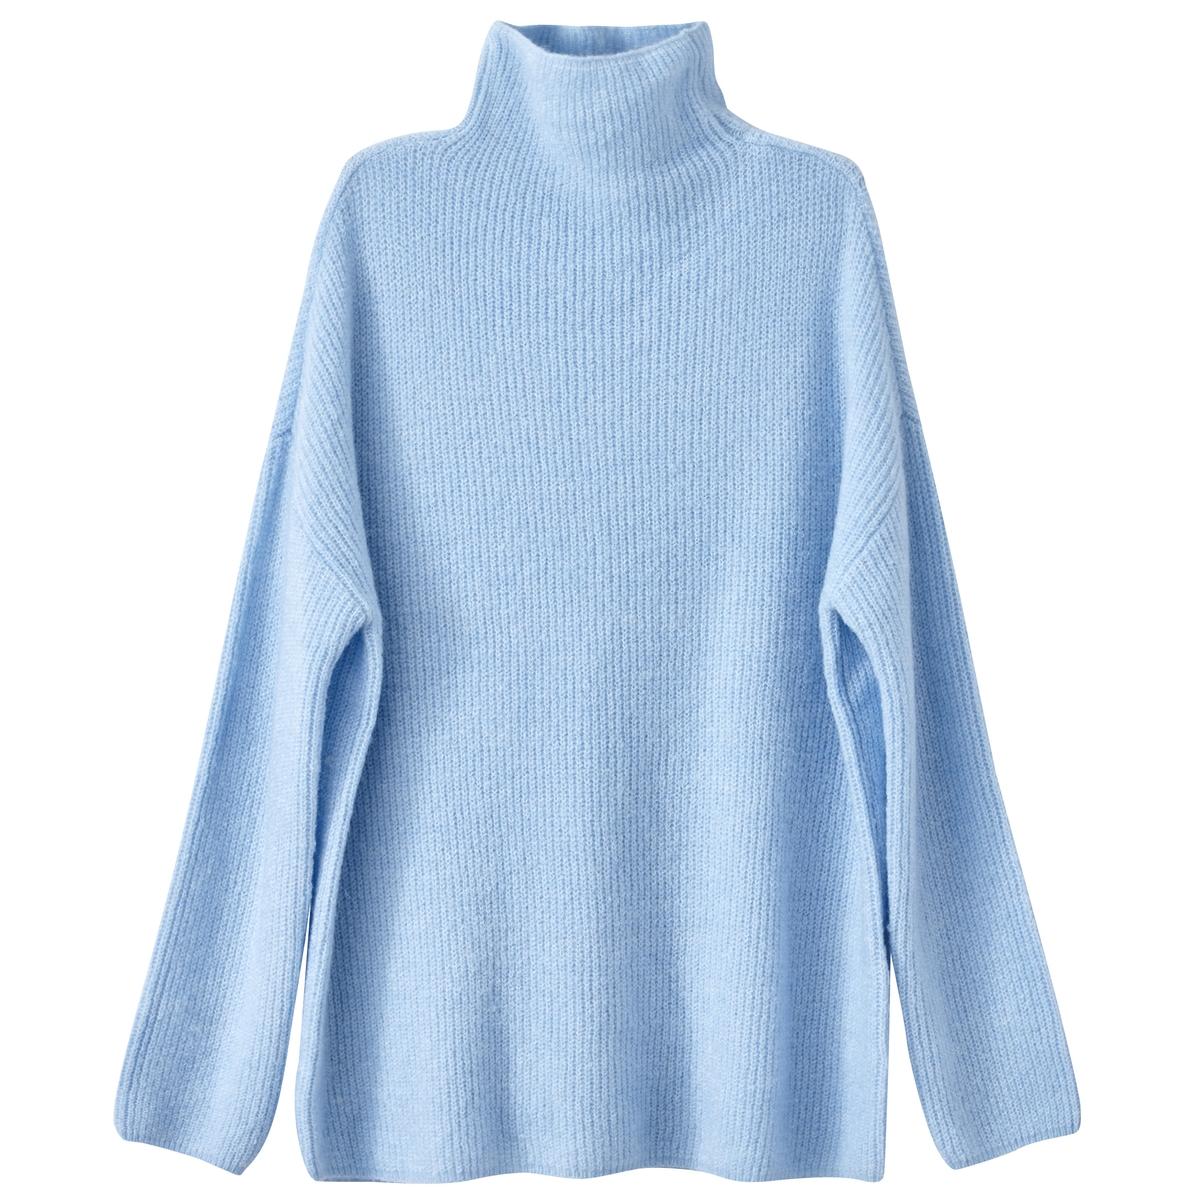 Пуловер Vimium с воротником-стойкойСостав и описаниеМатериал: 63% акрила, 13% полиэстера, 11% полиамида Нейлон, 10% мохера, 3% эластана.Длина: 66 см.Марка: Vila.Модель: Vimium.УходСледуйте рекомендациям, указанным на этикетке изделия.<br><br>Цвет: голубой,мандариновый,темно-синий<br>Размер: M.L.M